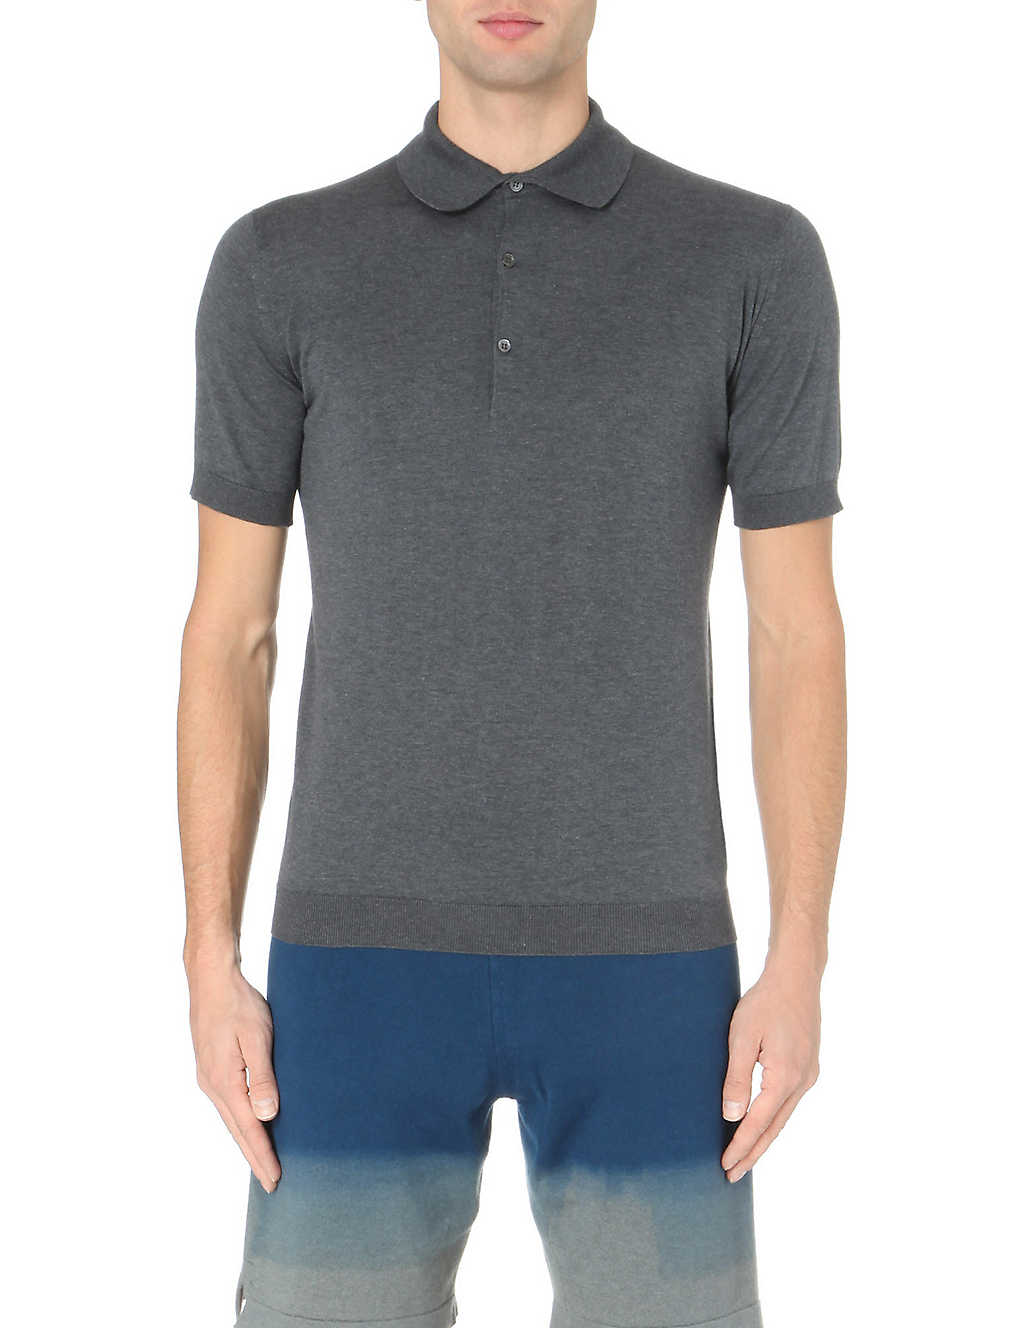 bd2fc4bbc JOHN SMEDLEY - Adrian cotton polo shirt | Selfridges.com